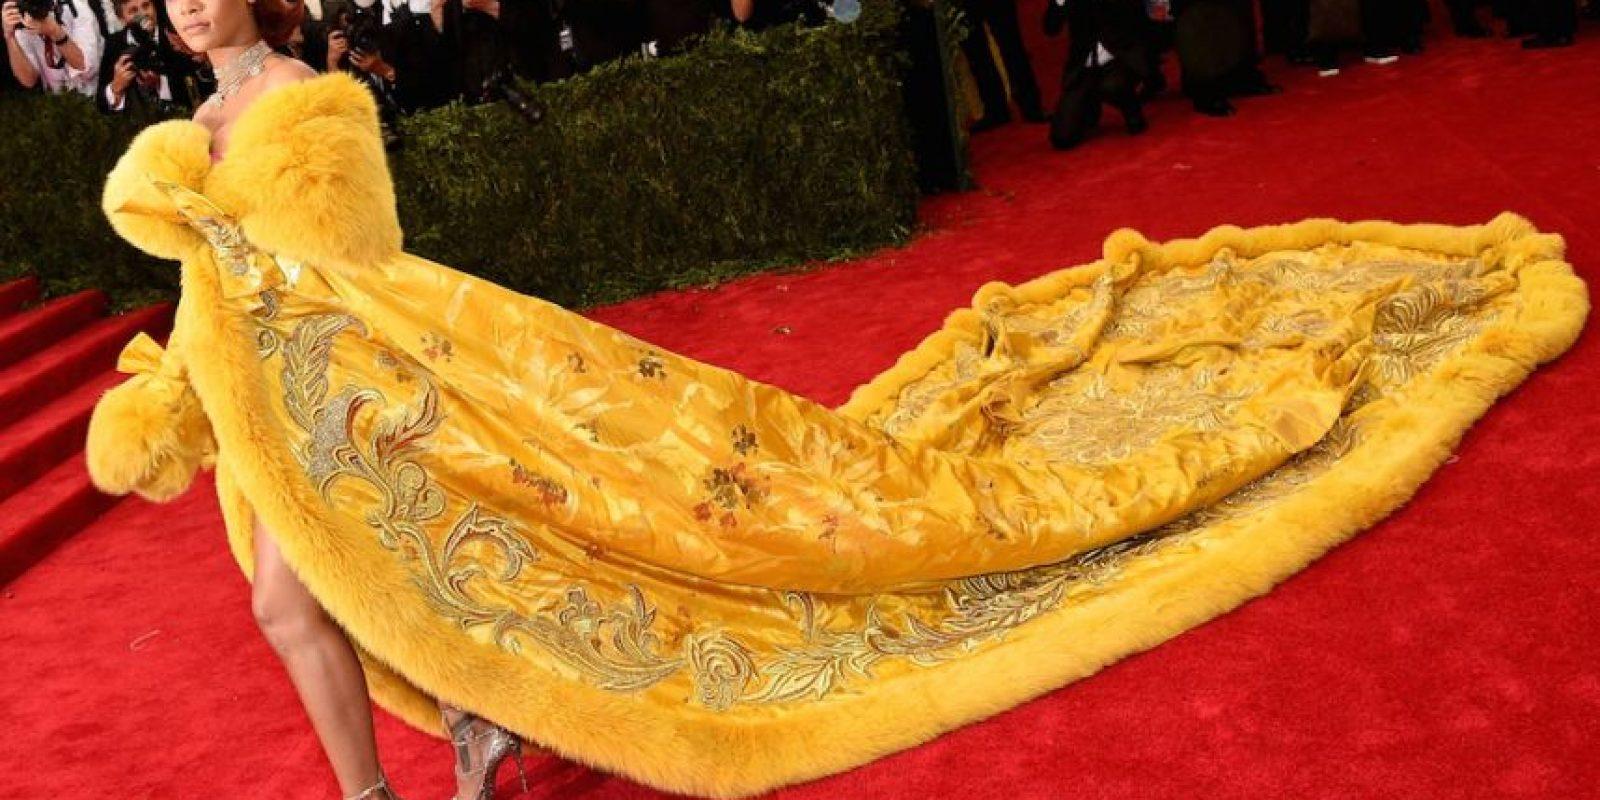 """La cantante barbadense Rihanna, de 27 años de edad, adquirió fama mundial en 2007 tras el lanzamiento de su tercer disco que incluye sencillos como """"Umbrella"""" y """"Don't stop the music"""". Foto:Getty Images"""